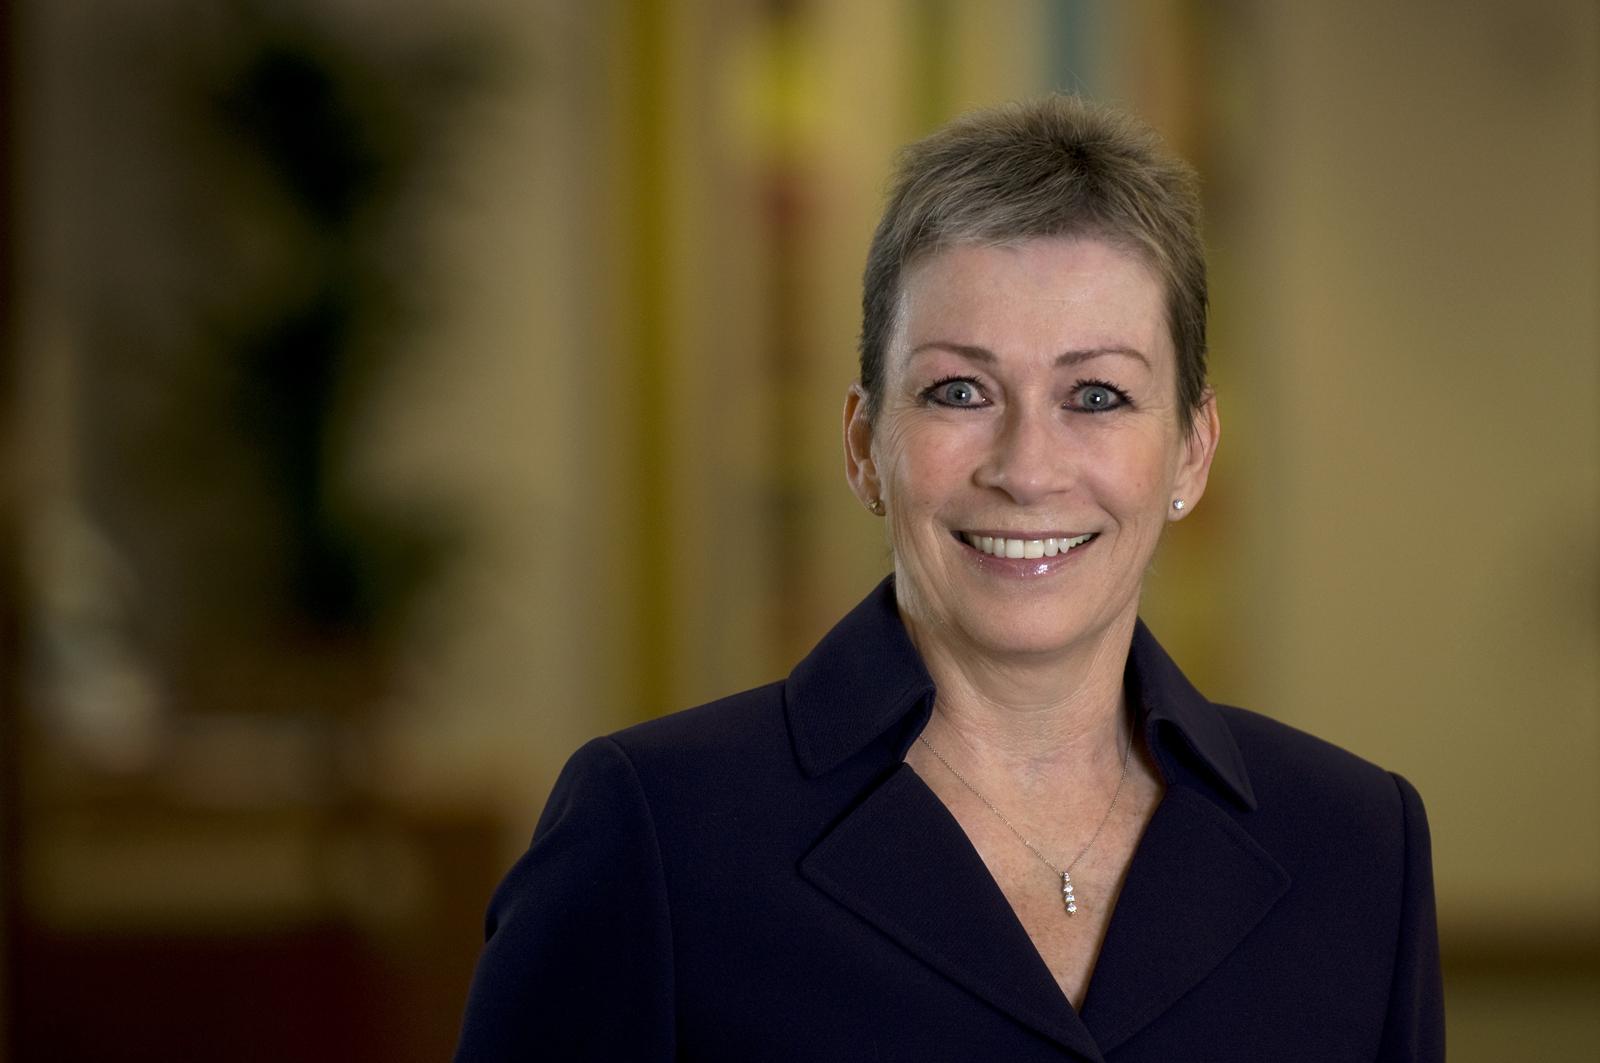 MaryEllen Sheppard